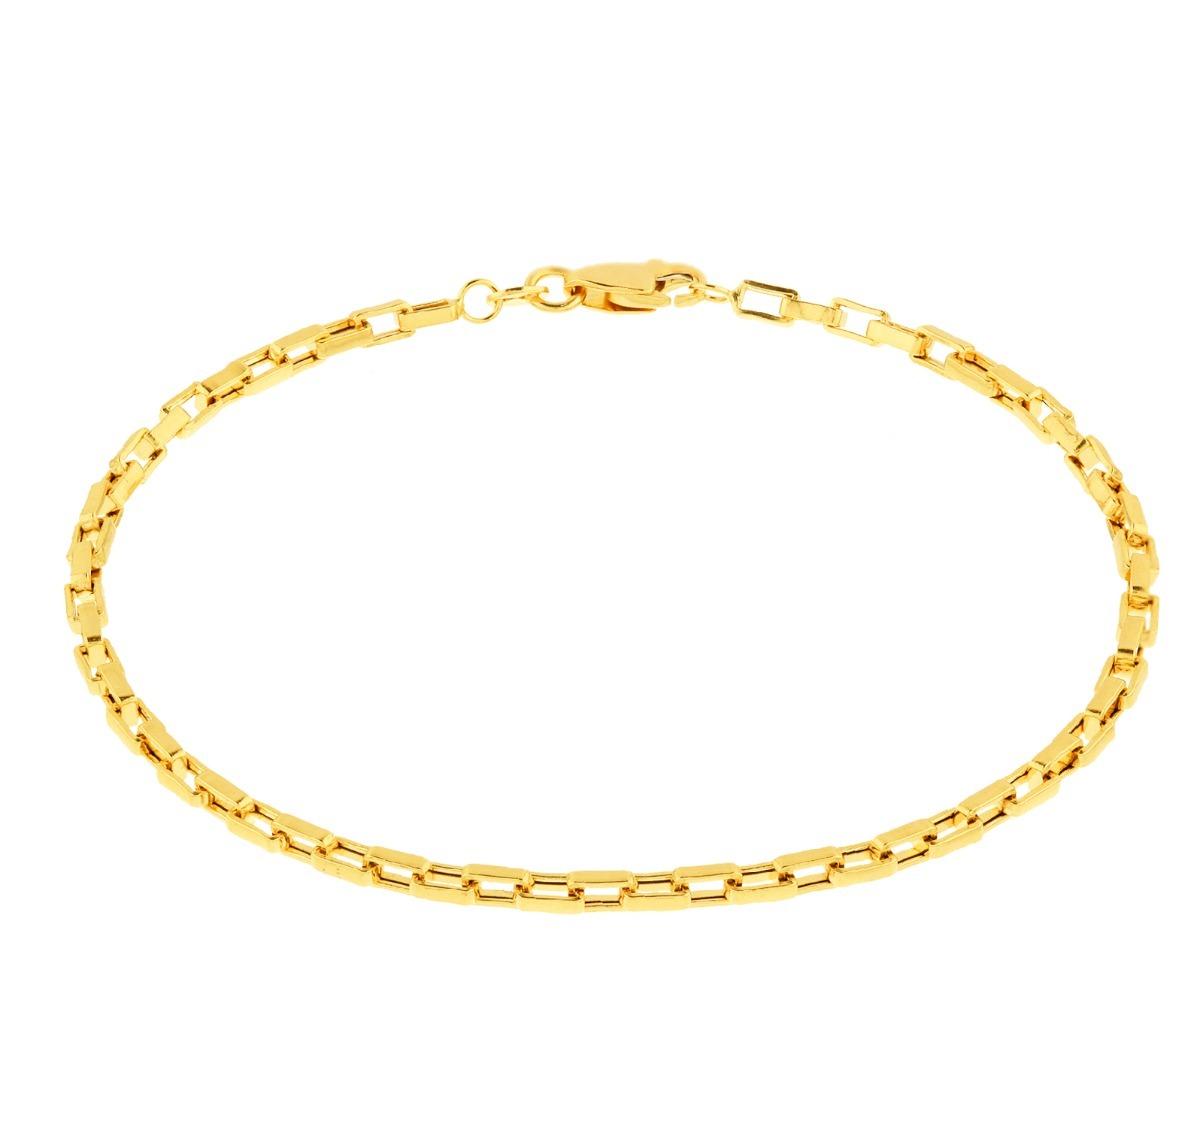 65b362f31f1 pulseira de ouro 18k - masculina - malha cartier. Carregando zoom.